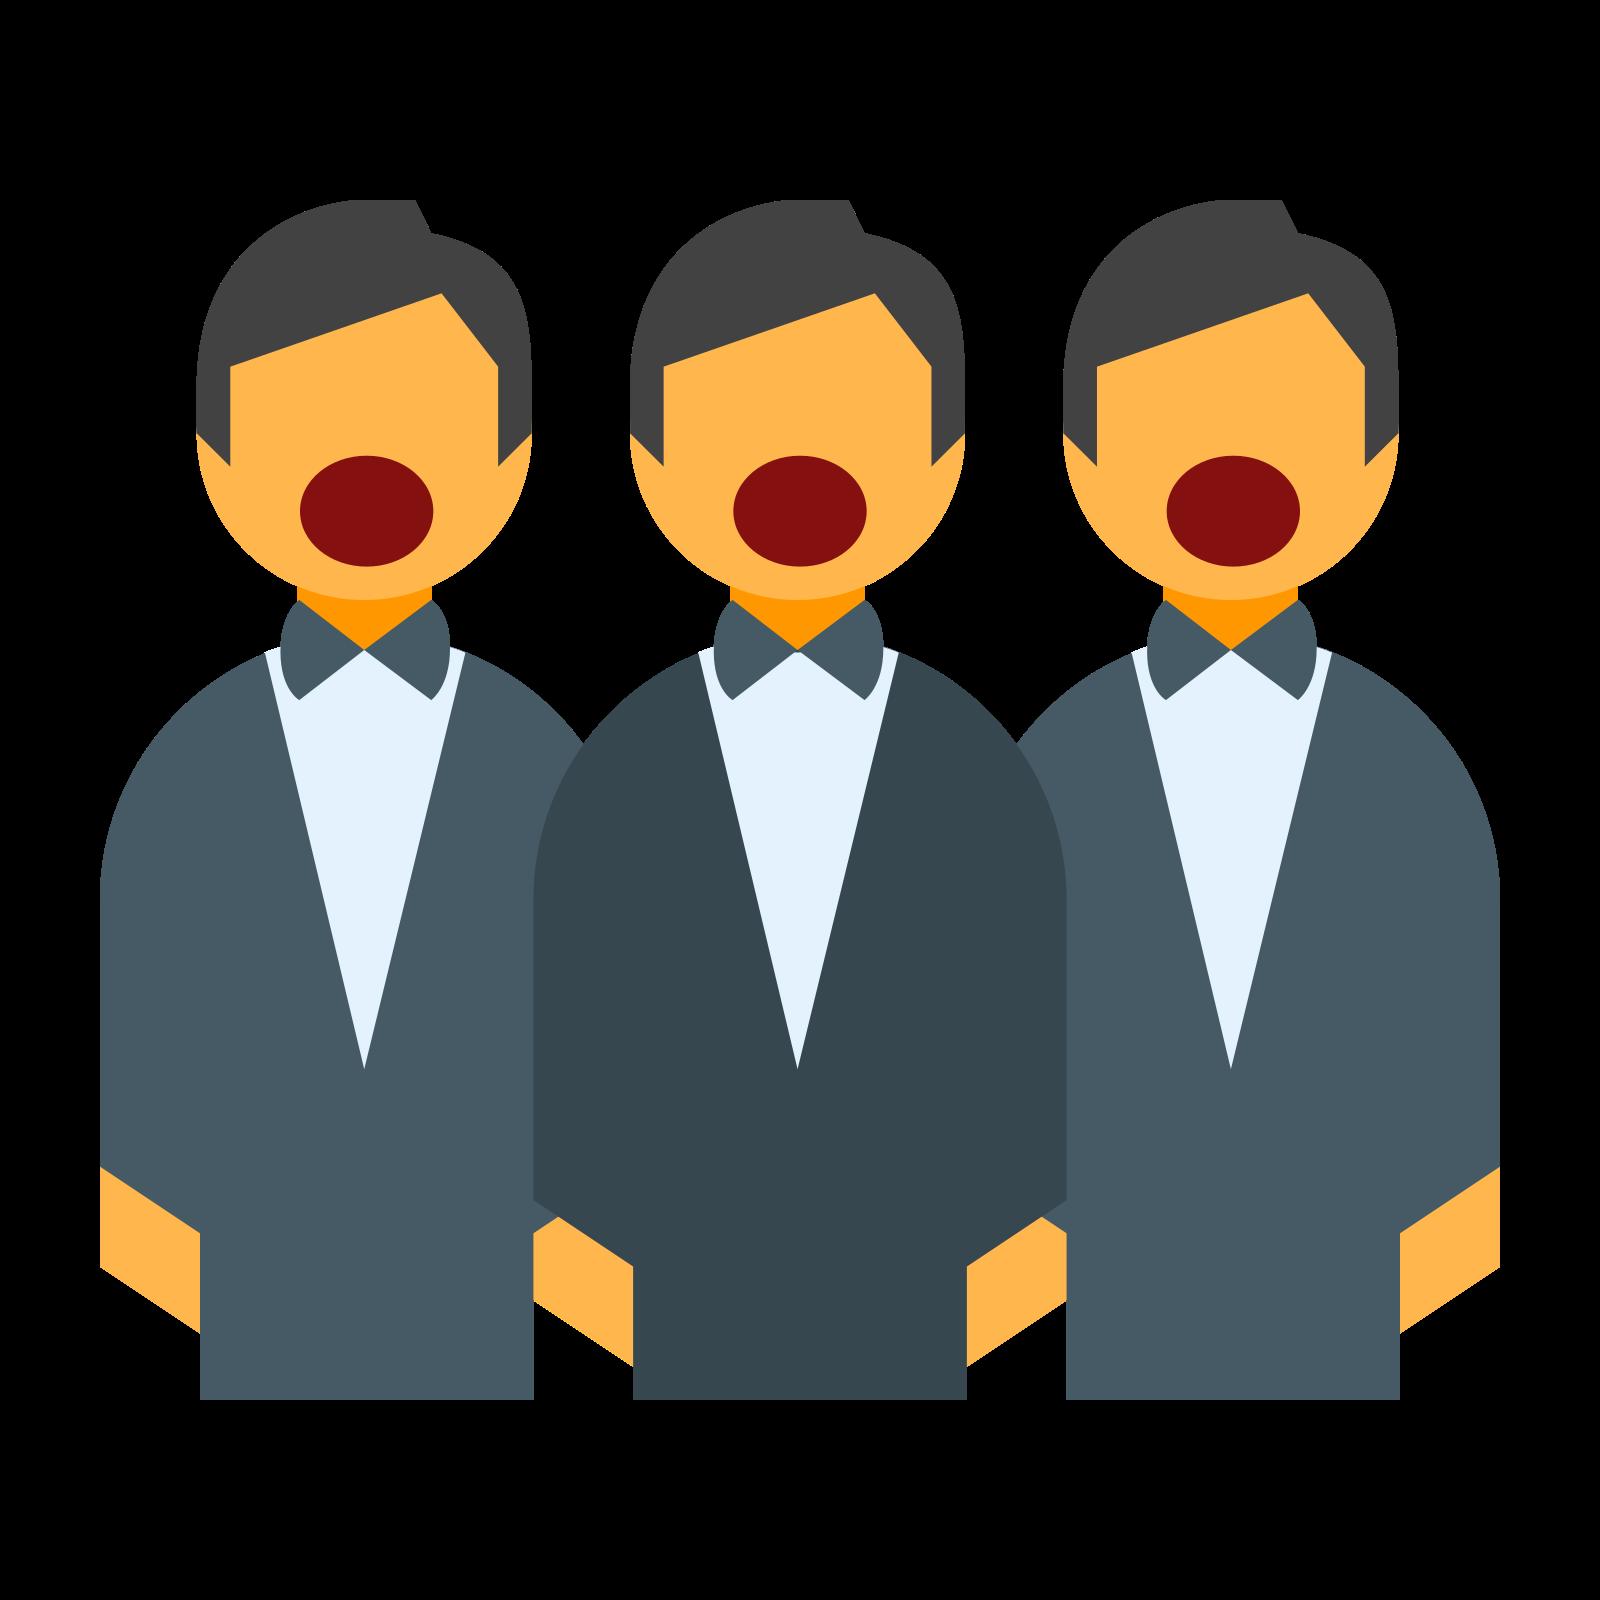 合唱団 icon. A choir icon will have a picture of a person with his or her mouth open. A choir consists of many people singing together, but the other feature of the icon is that the choir will also have a book in front of them with the lyrics in it.